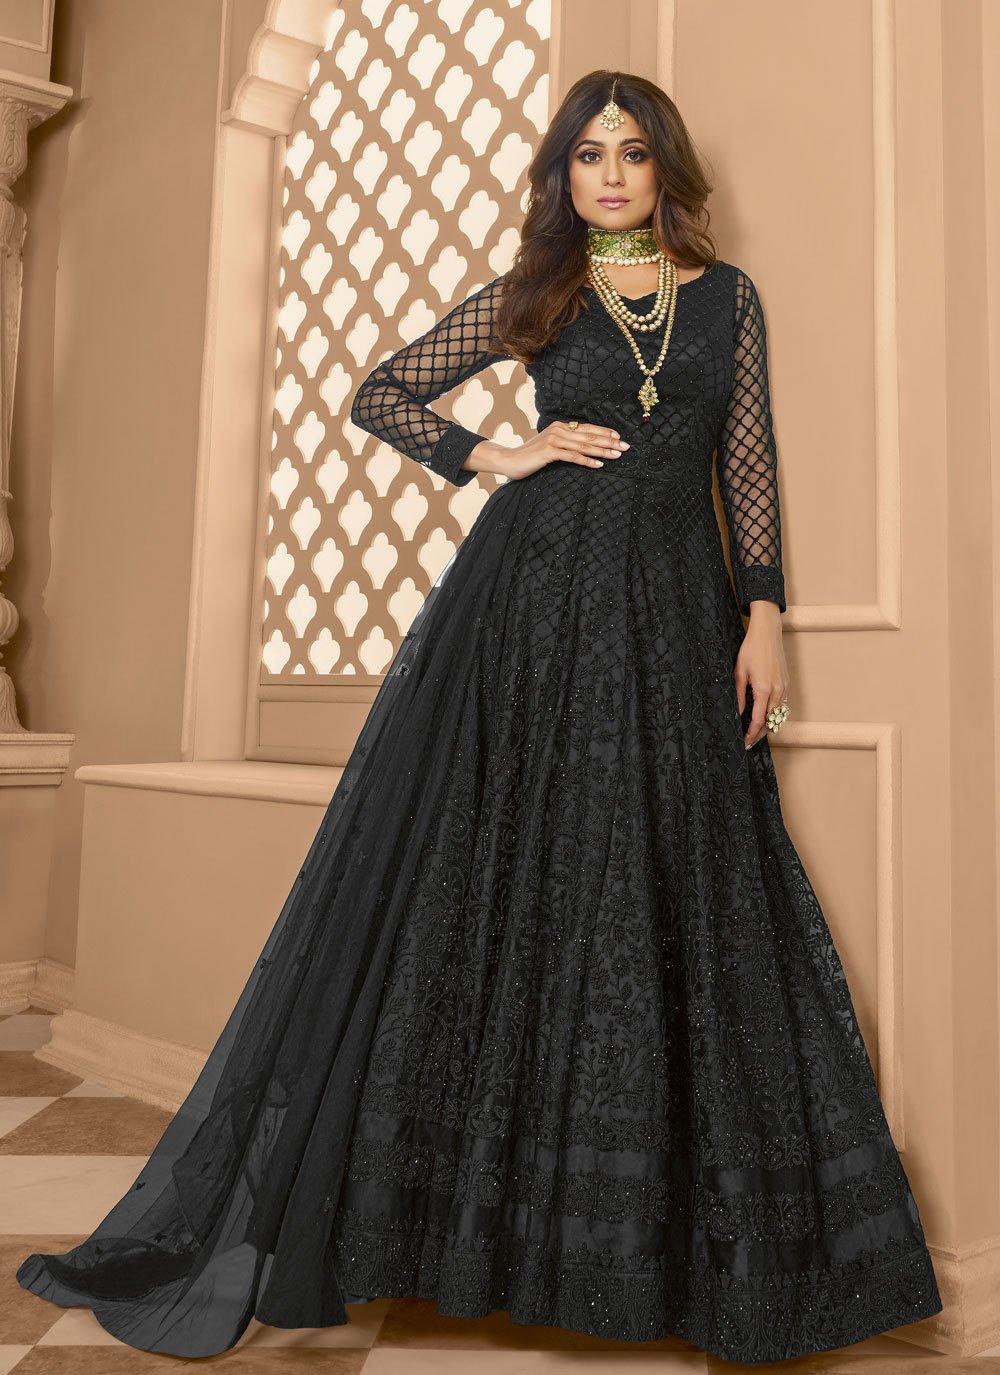 Embroidered Shamita Shetty Net Floor Length Anarkali Suit